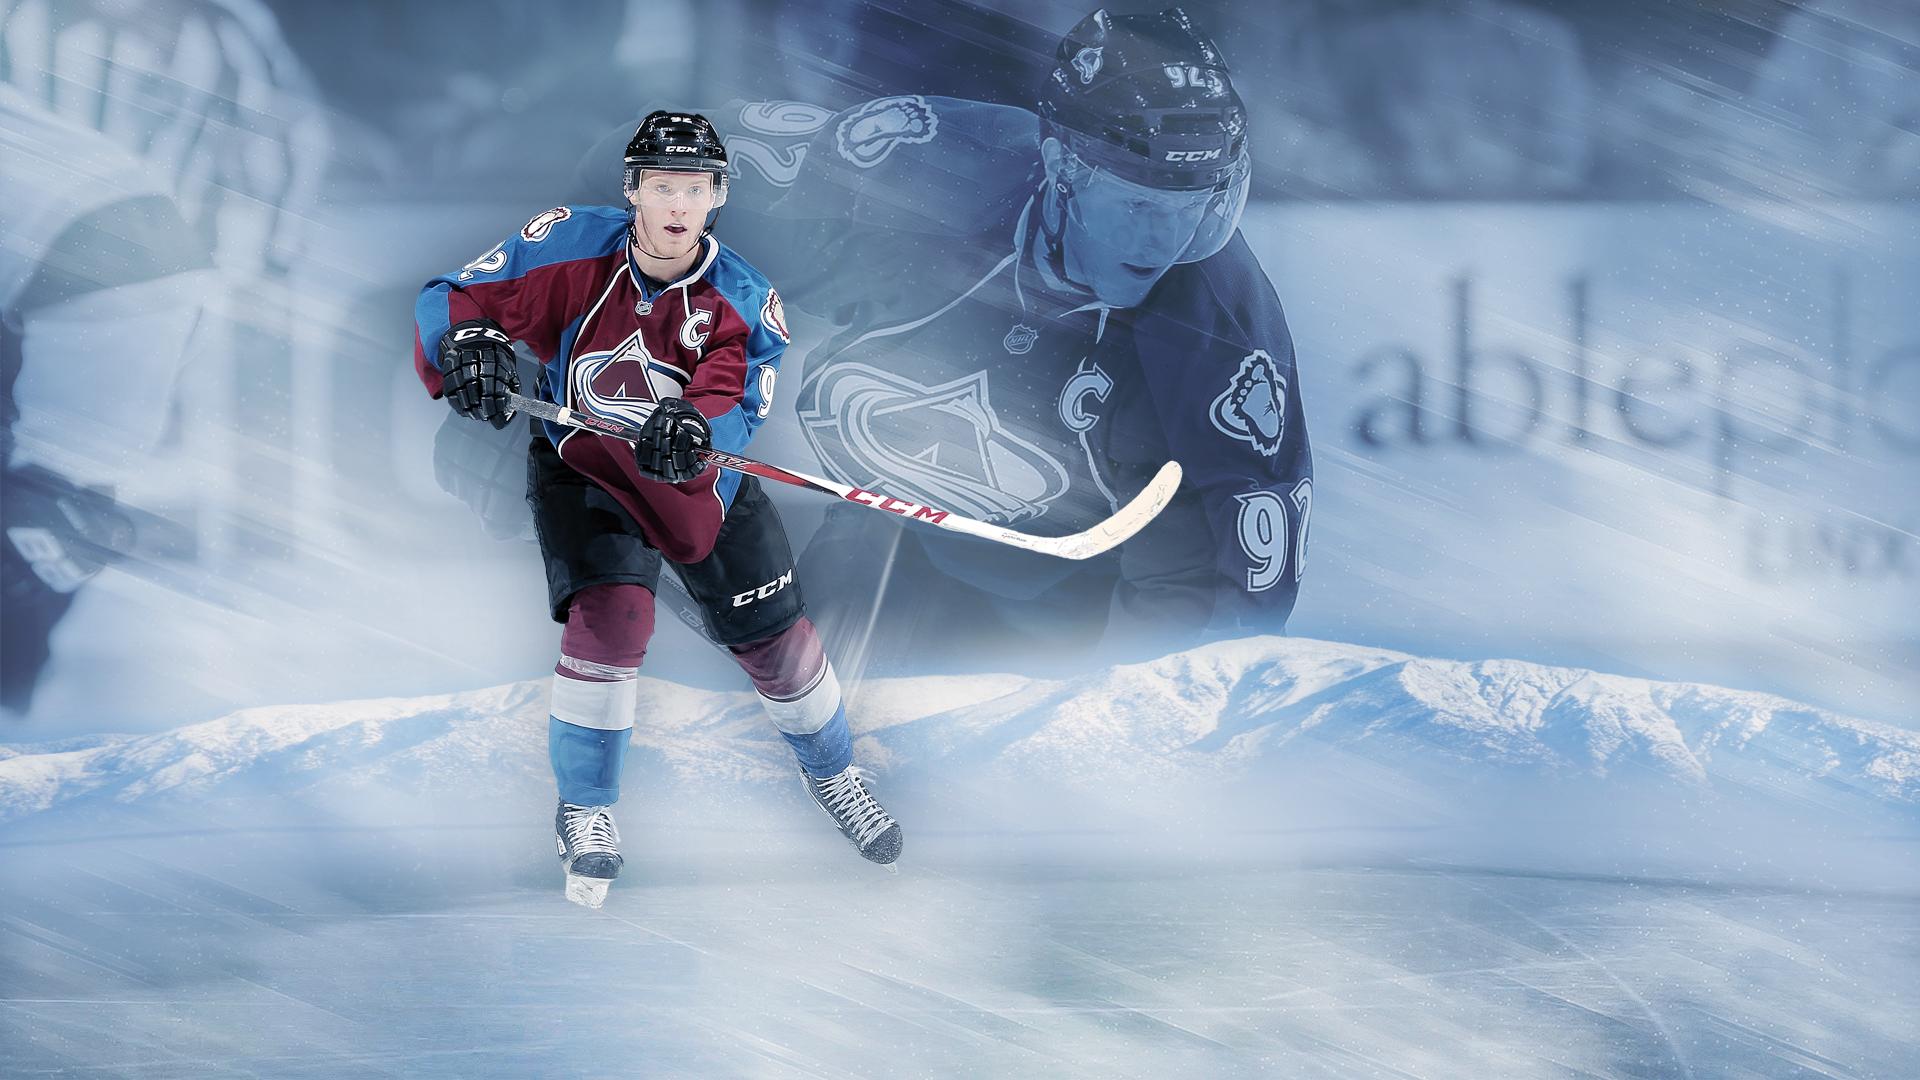 вид хоккей фото картинки с инфографикой интерьерный штрих